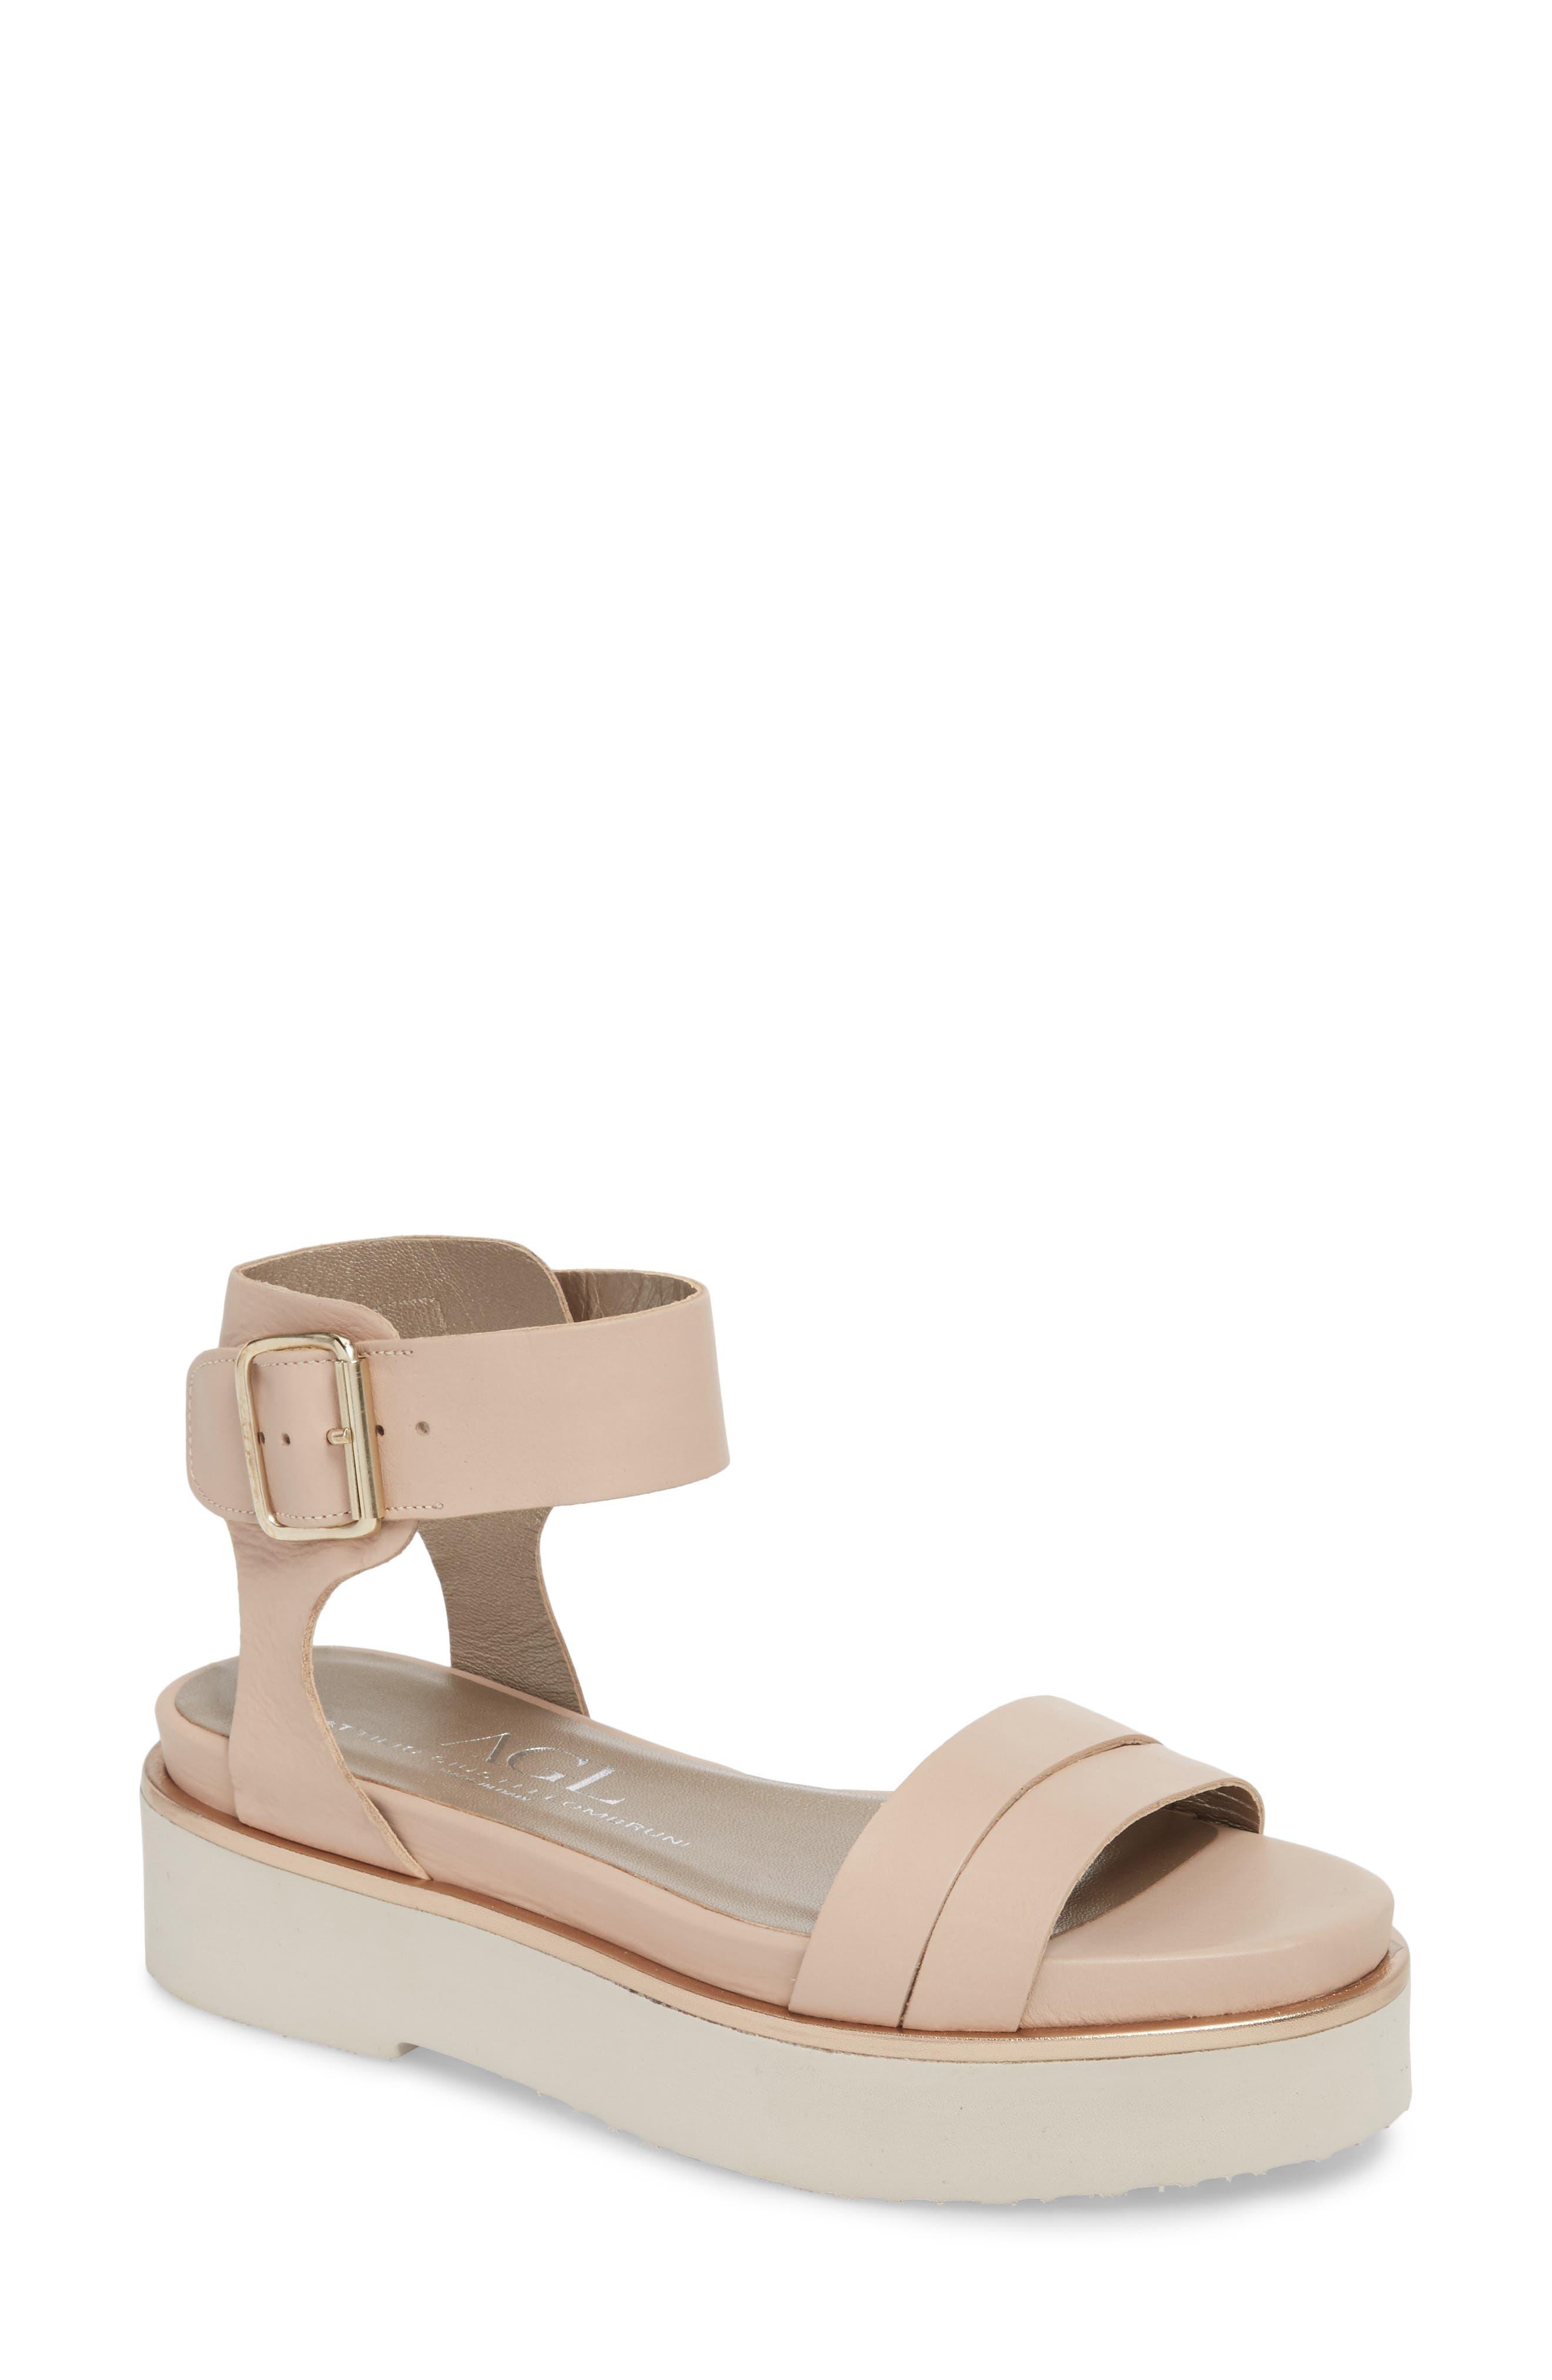 Quarter Strap Platform Sandal,                         Main,                         color, 255